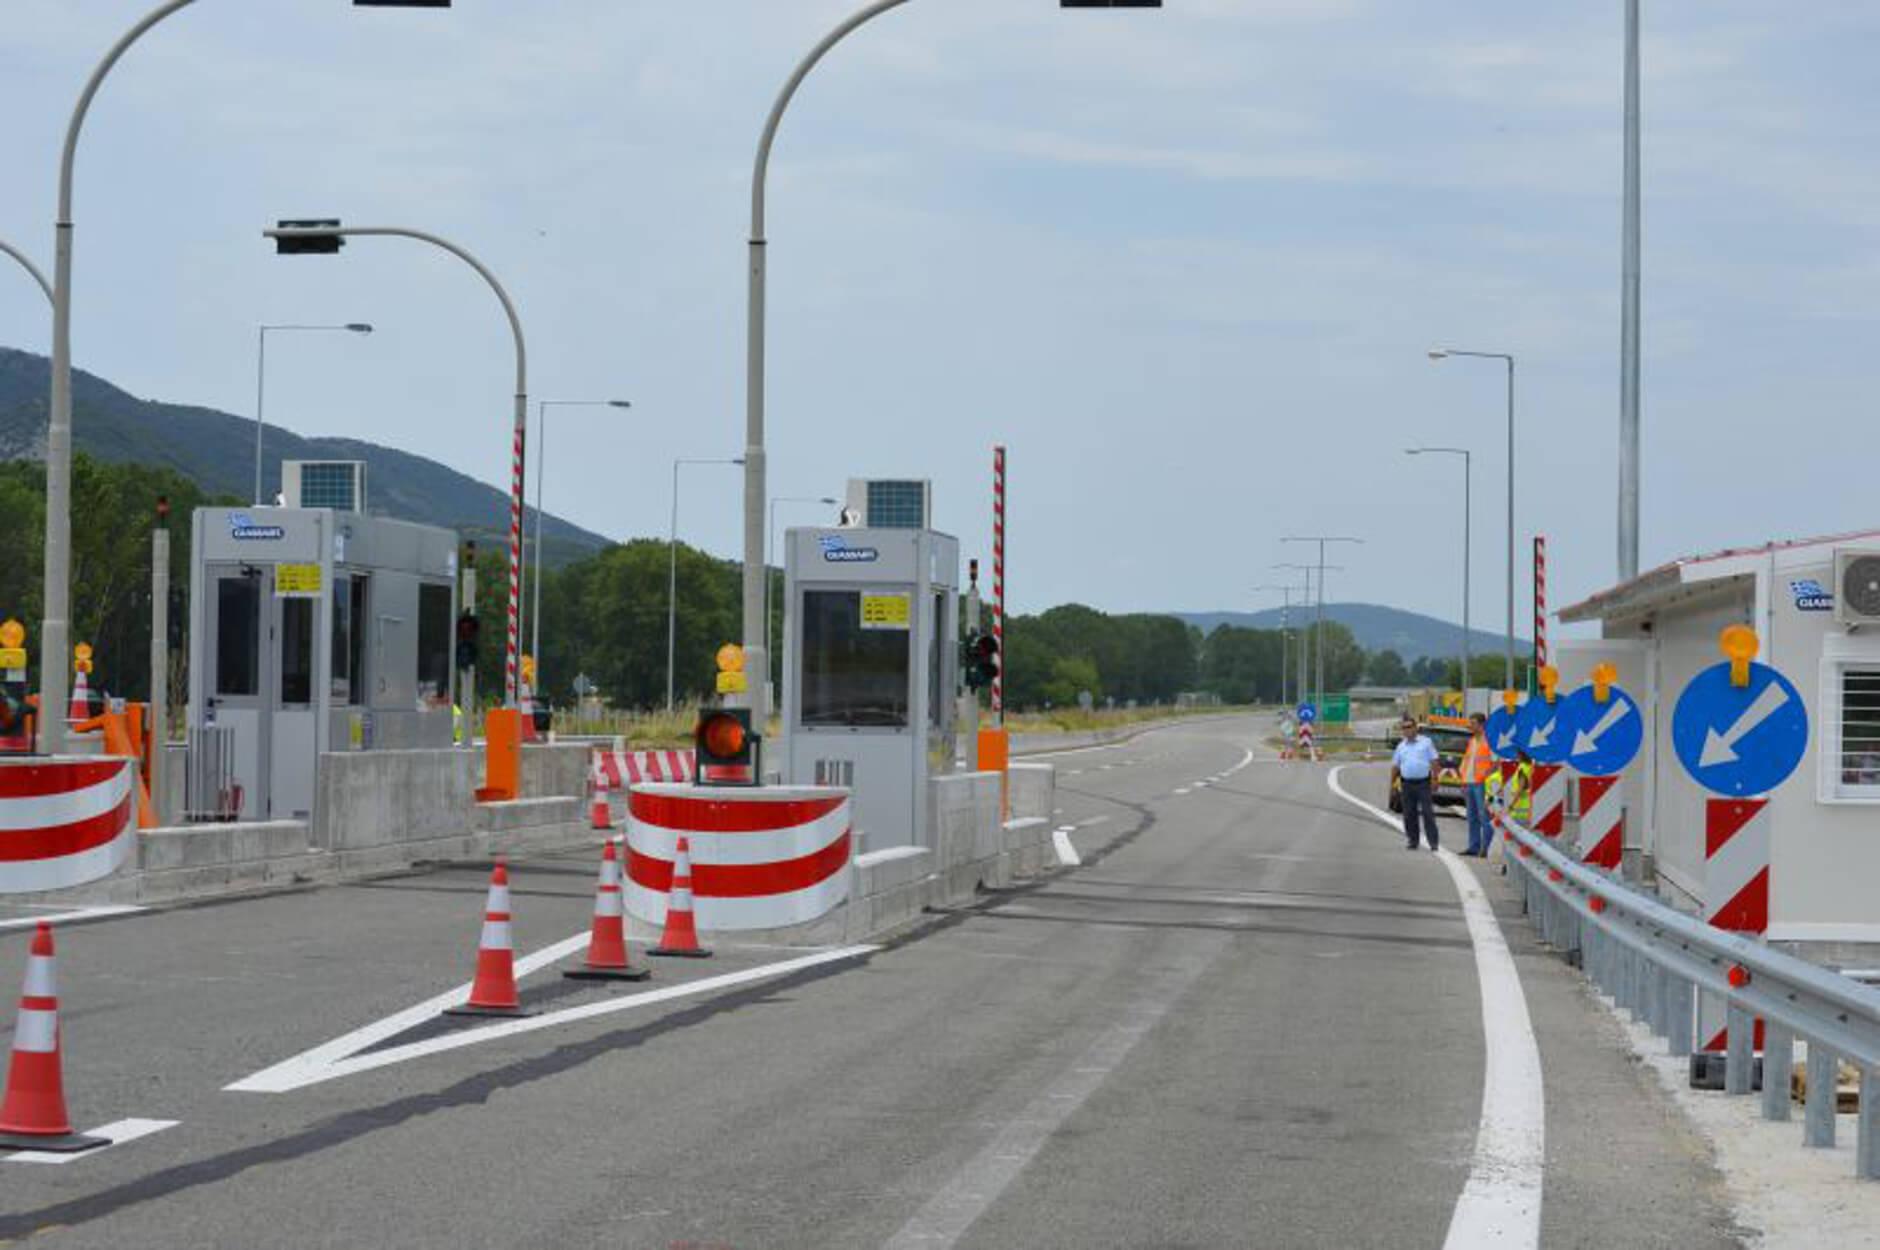 Εγνατία Οδός: Διακοπή κυκλοφορίας οχημάτων άνω των 3,5 τόνων λόγω θυελλωδών ανέμων!